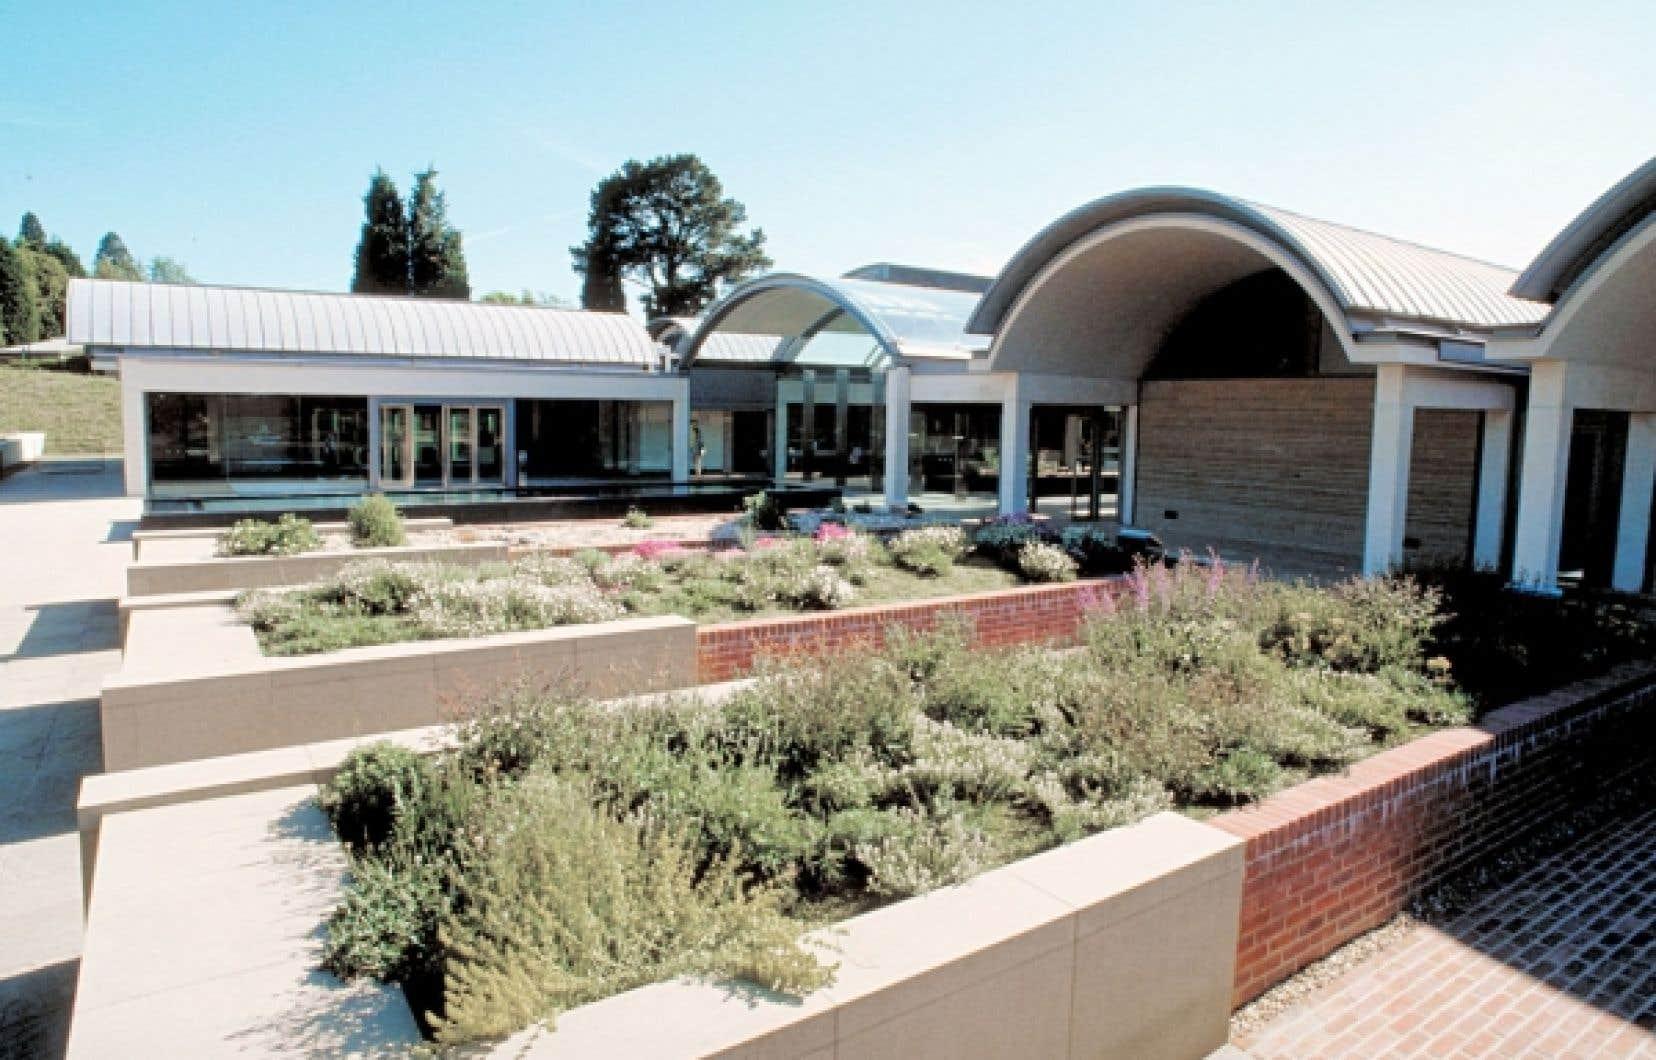 <div> Dans le cadre du Breathing Planet Program, la Millenium Seed Bank au Jardin botanique de Kew joue un r&ocirc;le important de conservation et de redistribution des semences pour des projets de d&eacute;veloppement durable.</div>